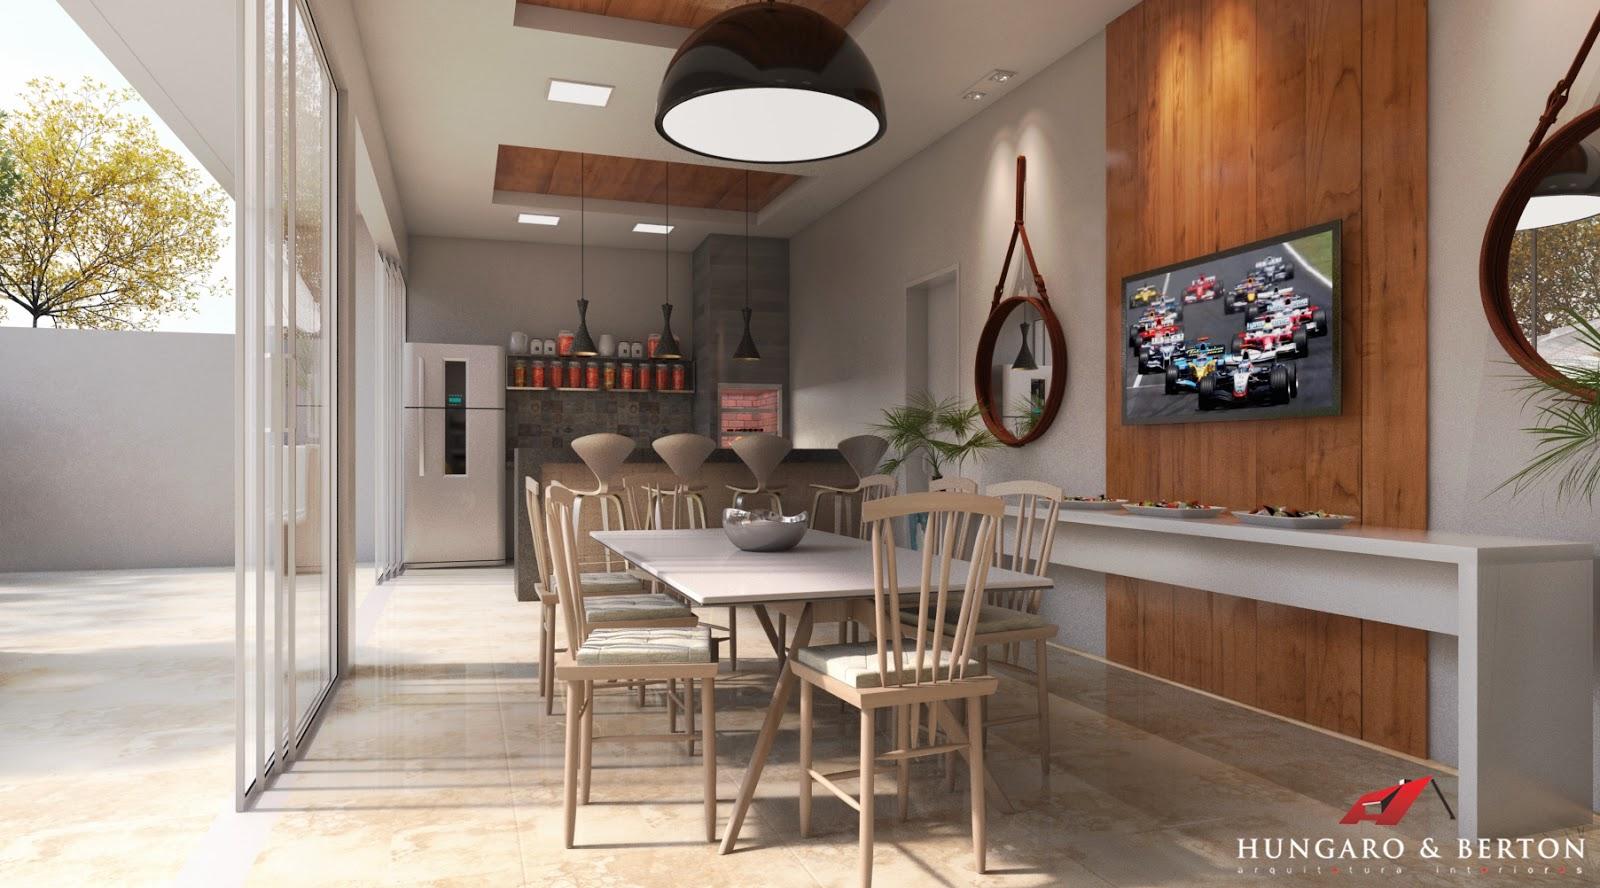 Arquitetura e Interiores: Cozinha Integrada Área de Lazer #986234 1600 888